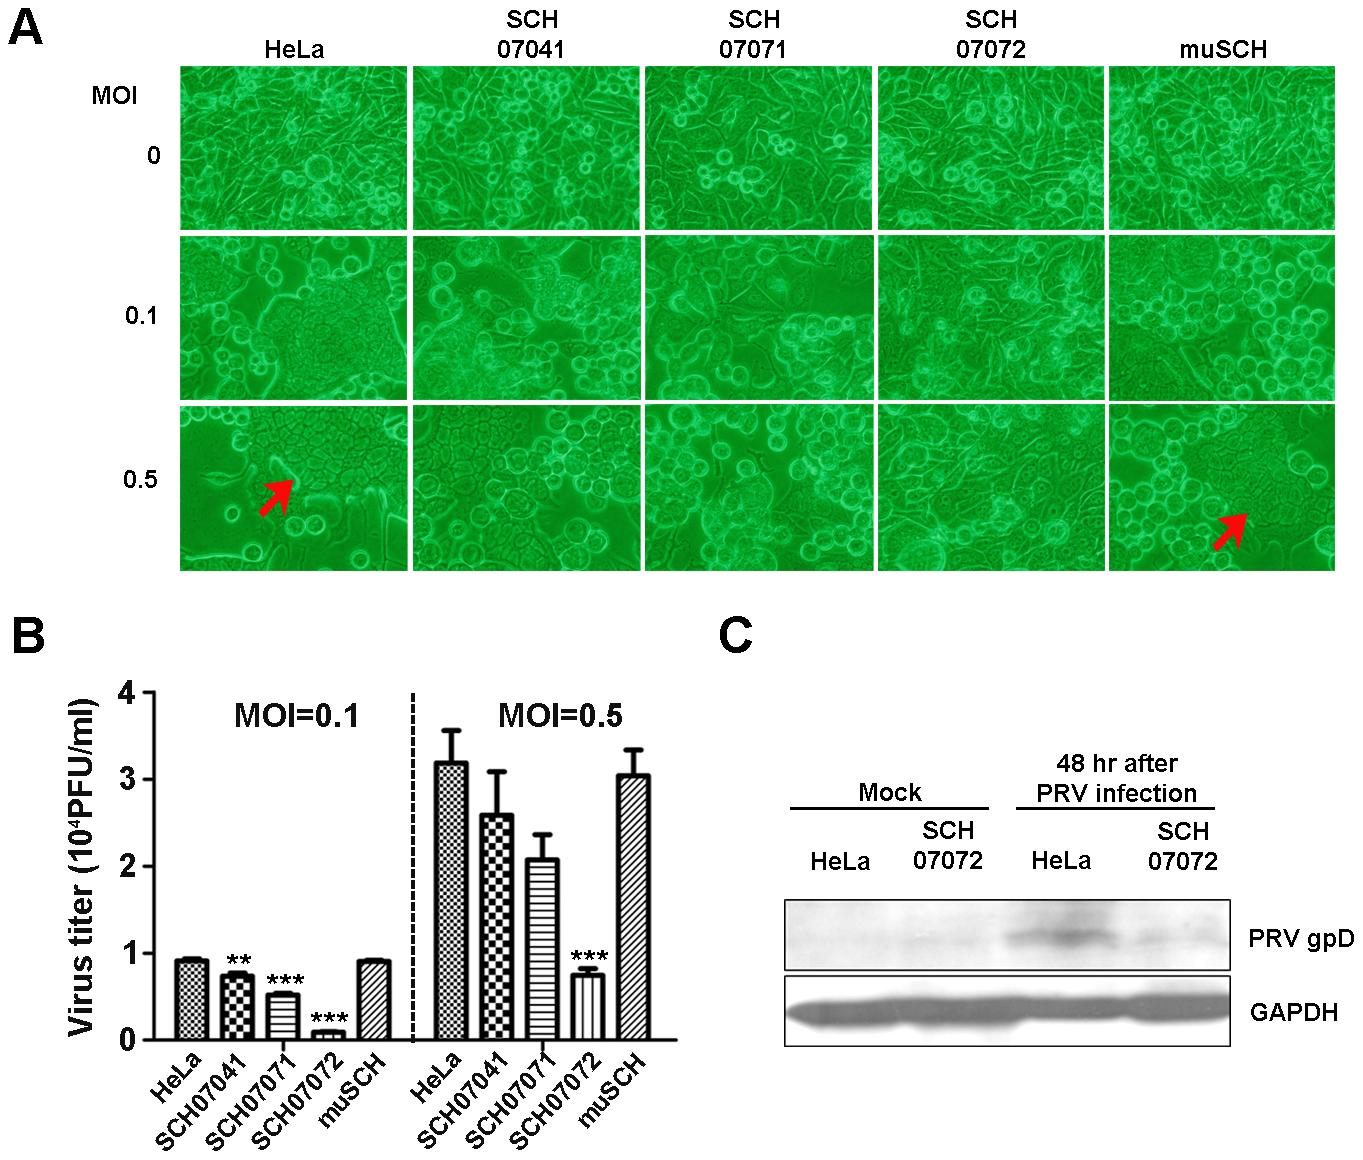 3D8 scFv expression in transgenic HeLa cells confers resistance to PRV.